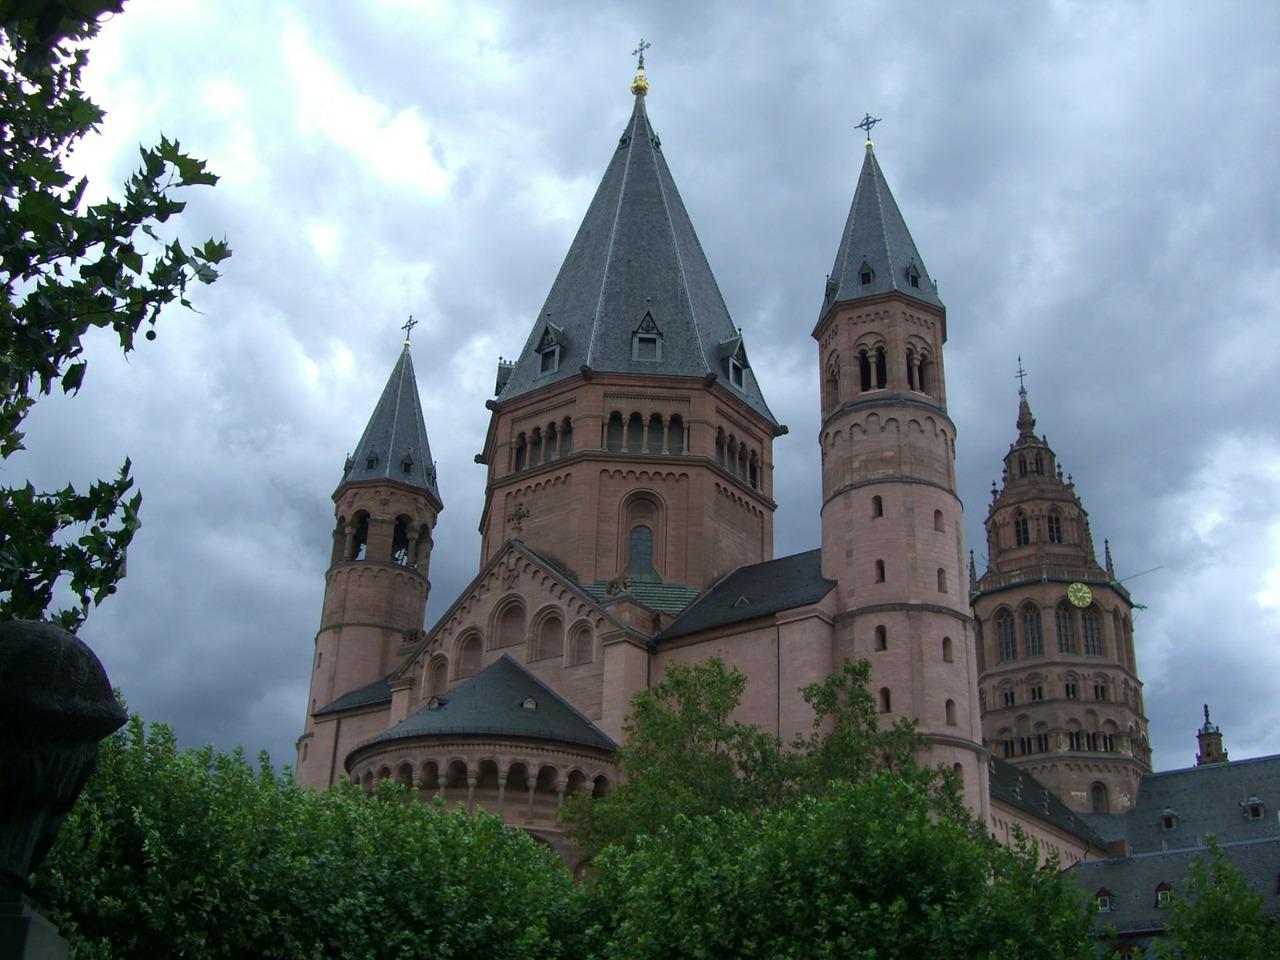 Freikirche Regensburg